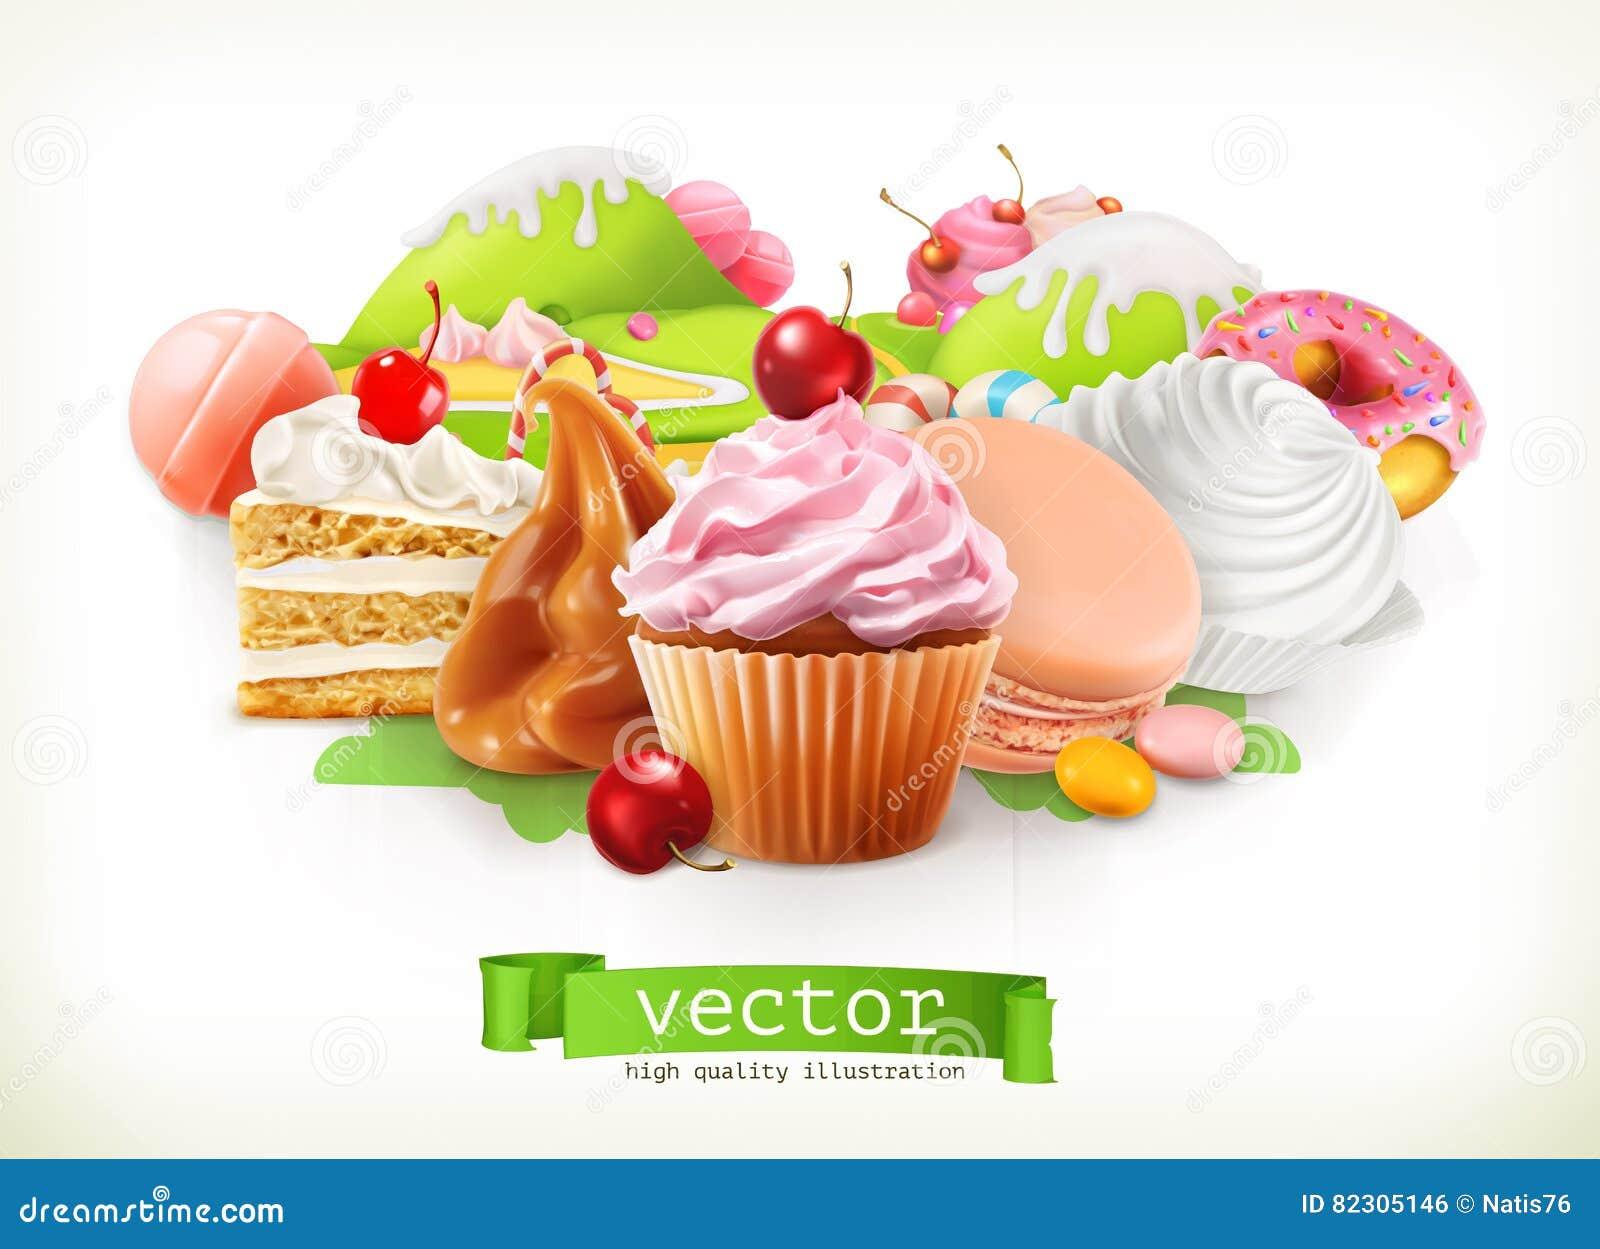 Negozio dolce Confetteria e dessert, dolce, bigné, caramella, caramello Illustrazione di vettore